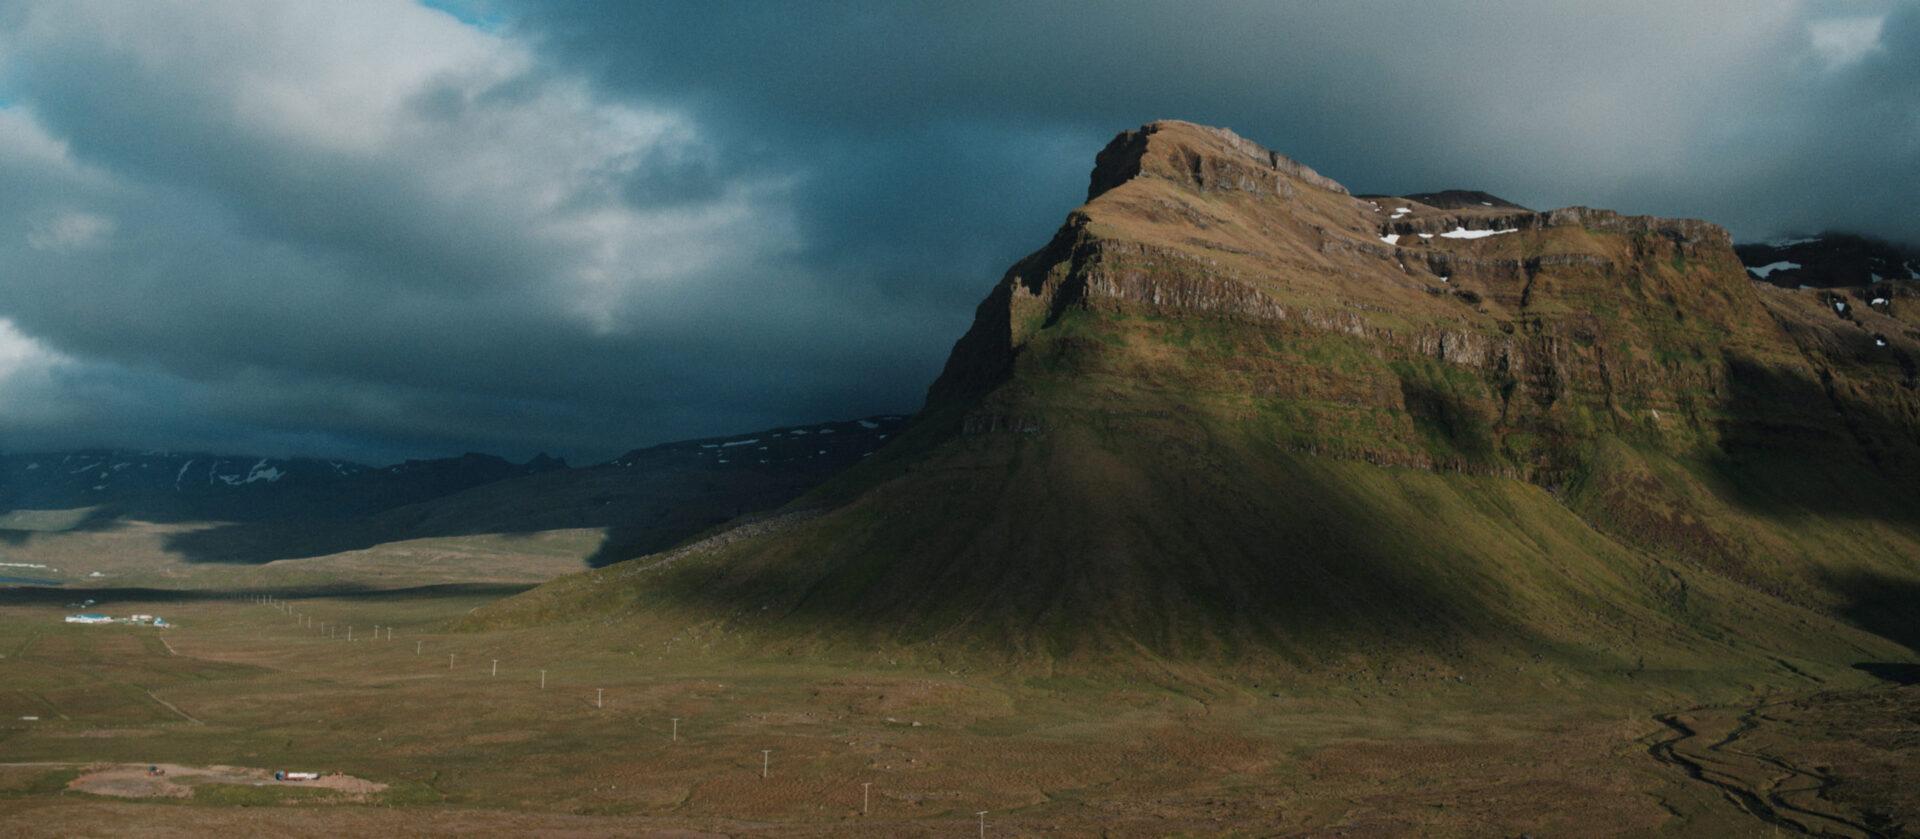 Vast landscapes of Iceland 8